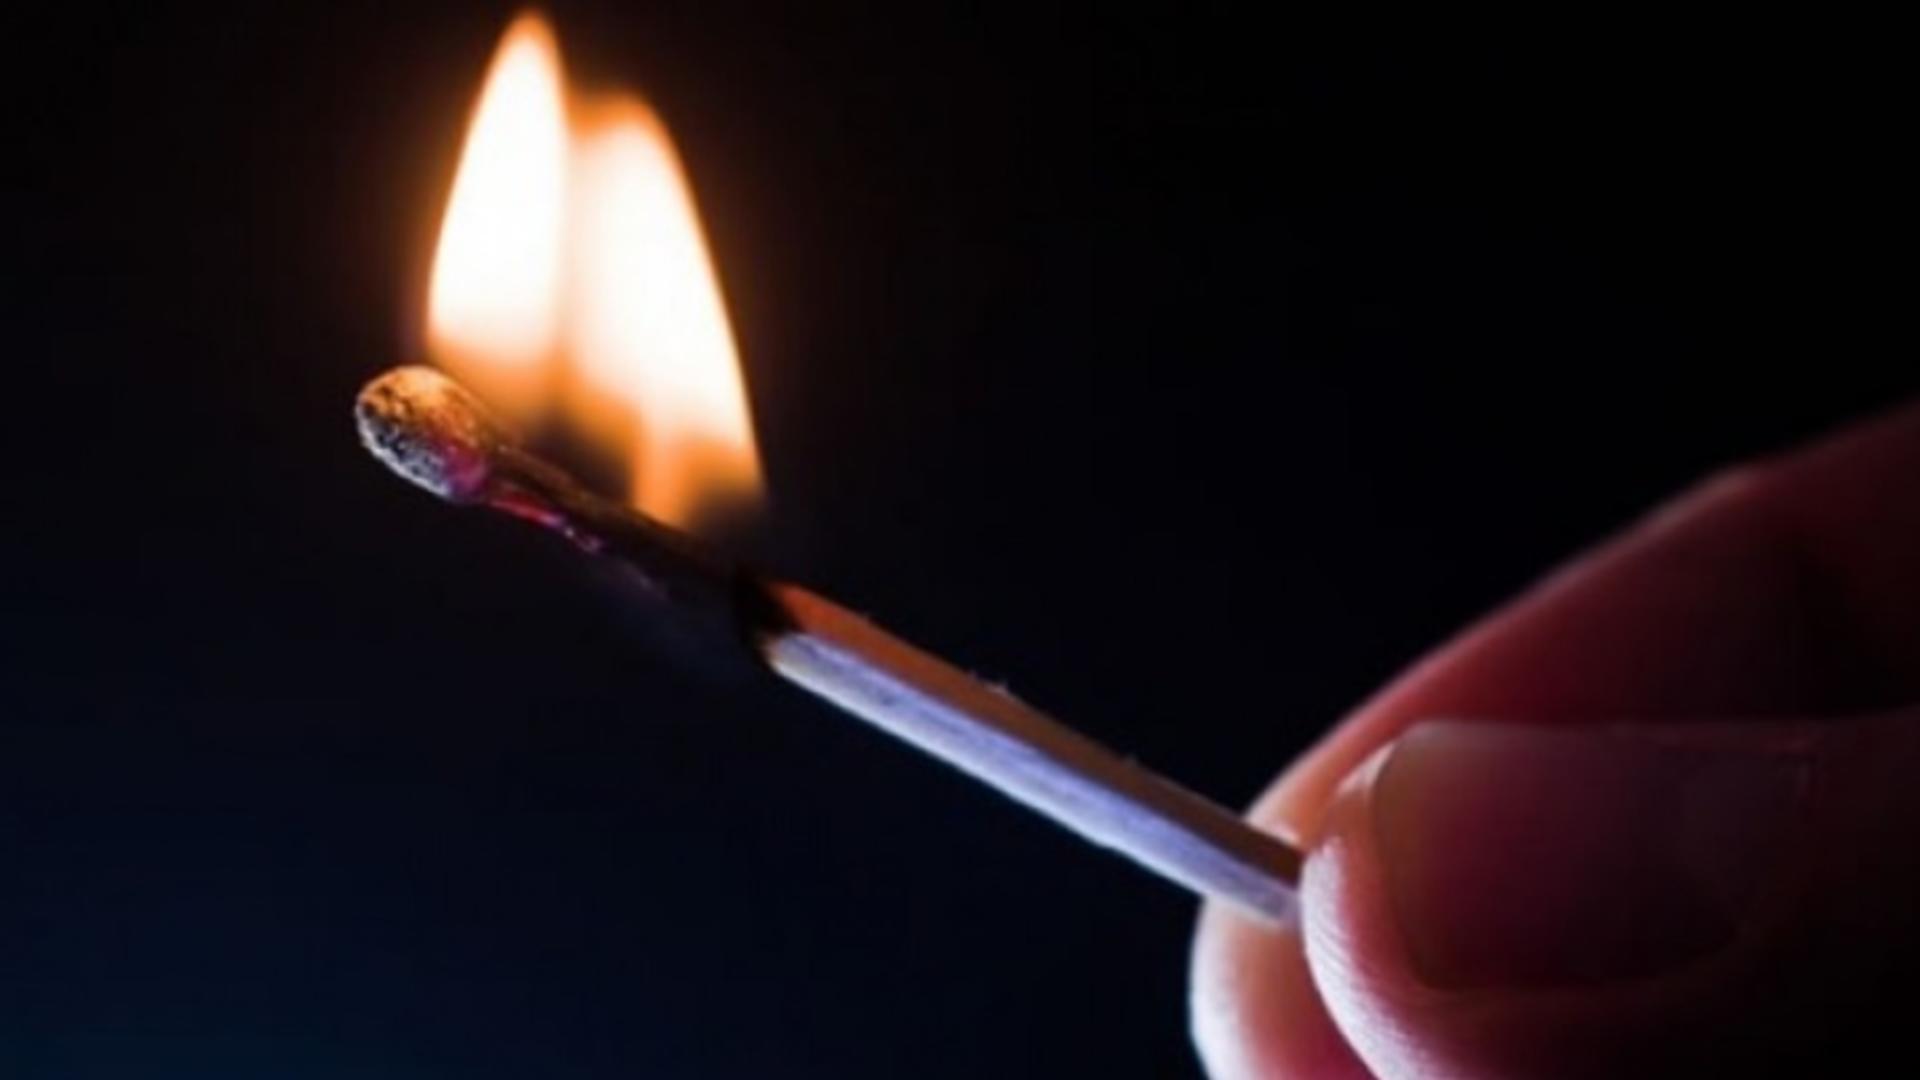 Doi copii, de 5, respectiv 9 ani, au fost arşi după ce s-au jucat cu benzină și foc